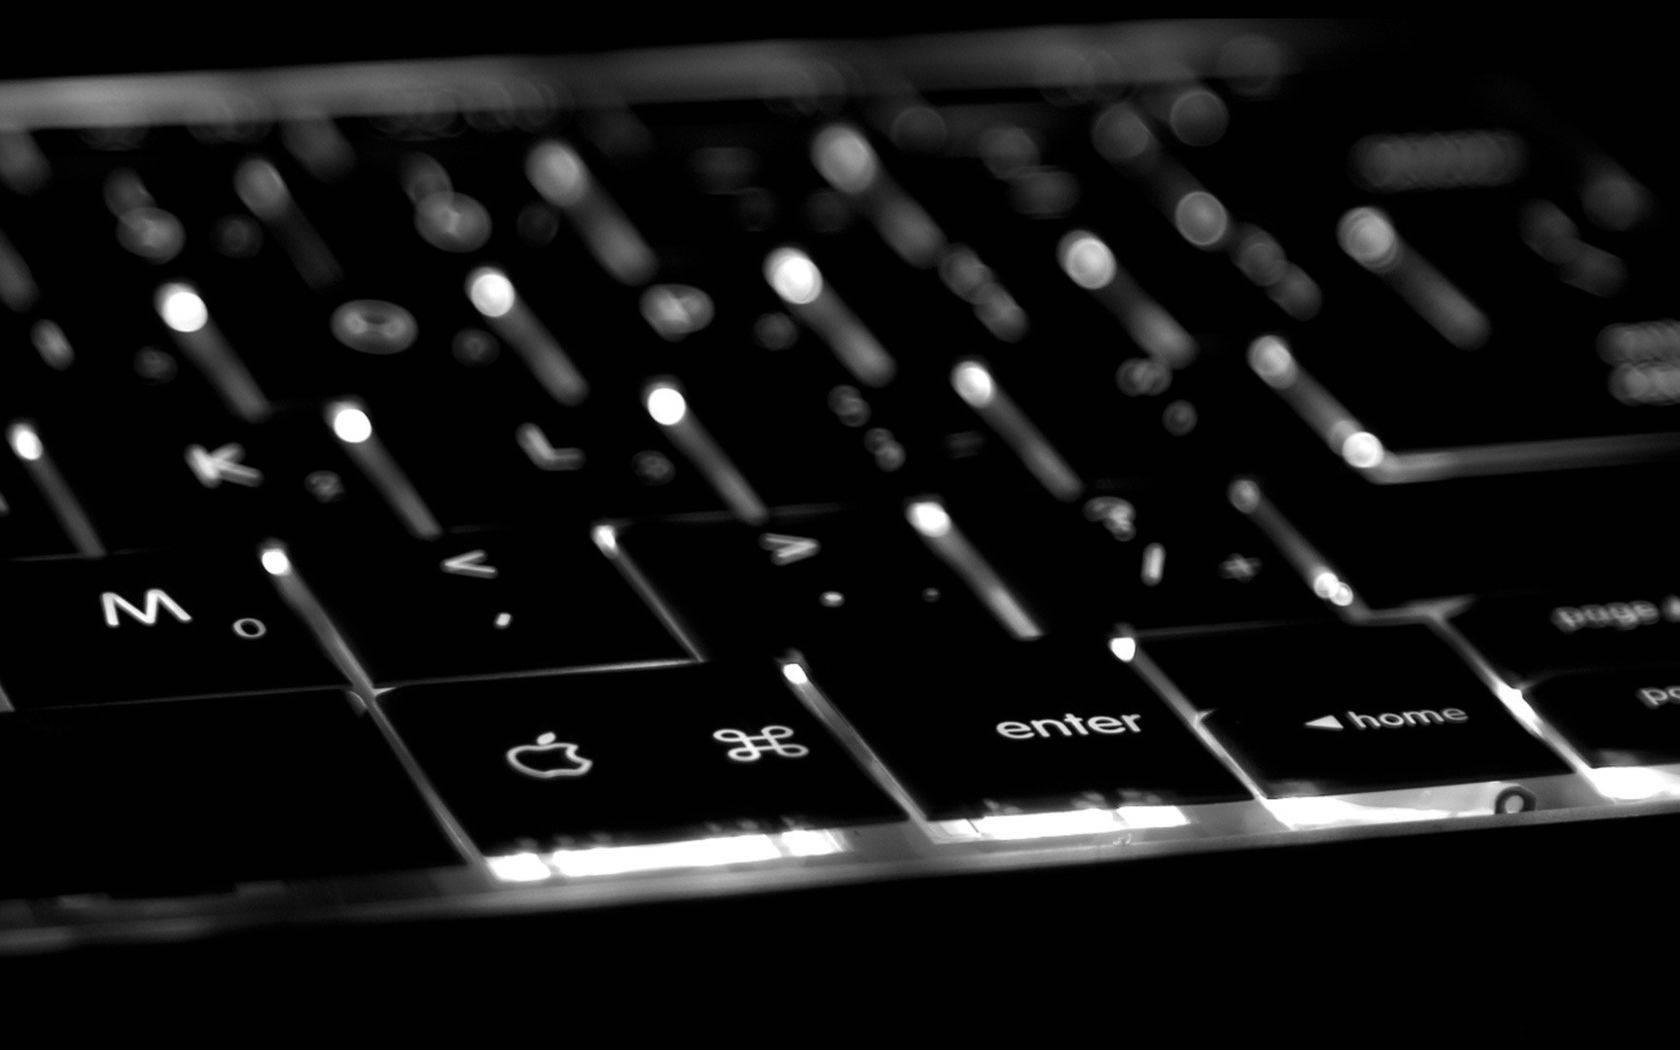 Pour 34 % des Français, les outils numériques sont devenus indispensables (Archimag)